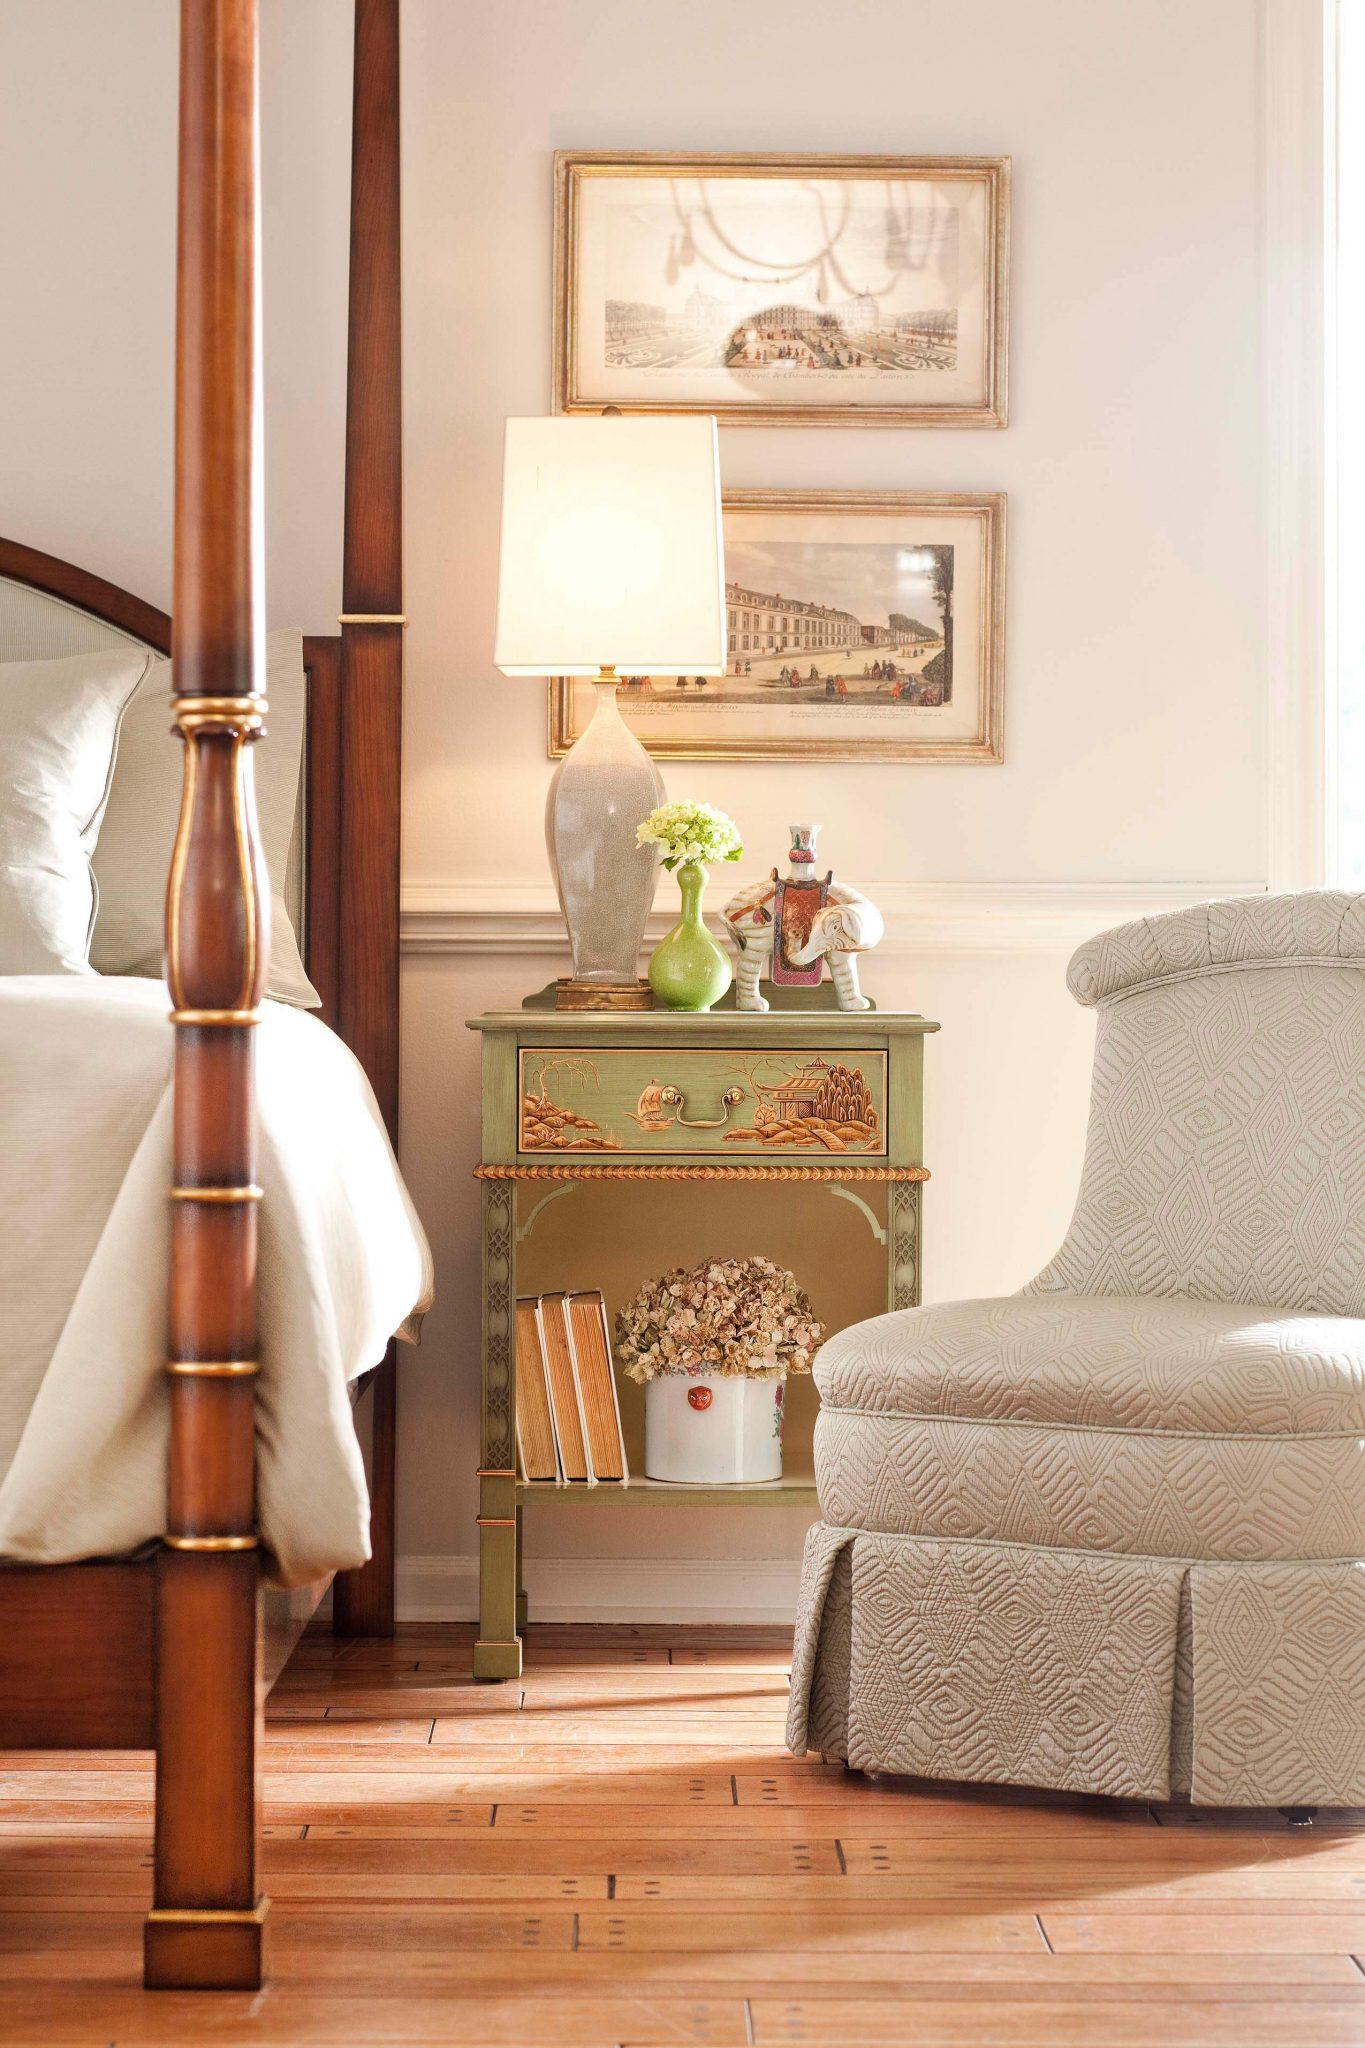 Kindel Furniture Foxchase Design Llc